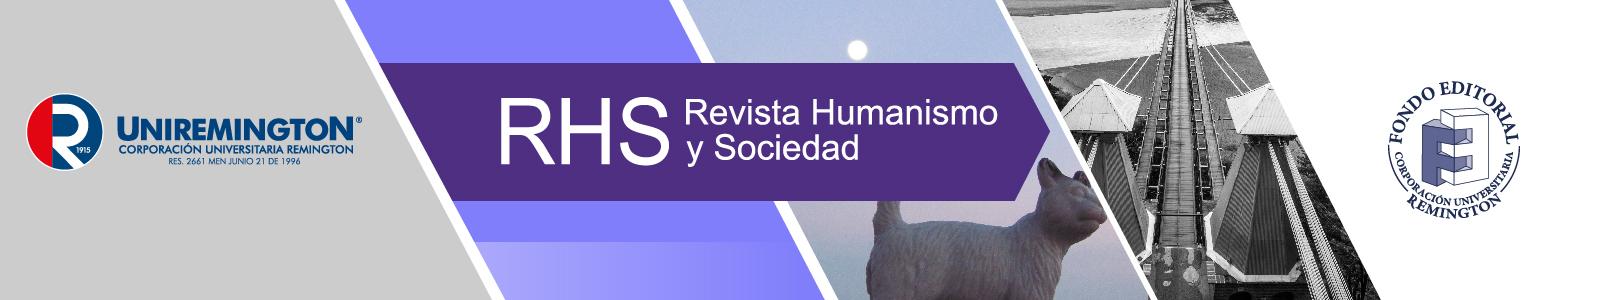 RHS-Revista Humanismo y Sociedad